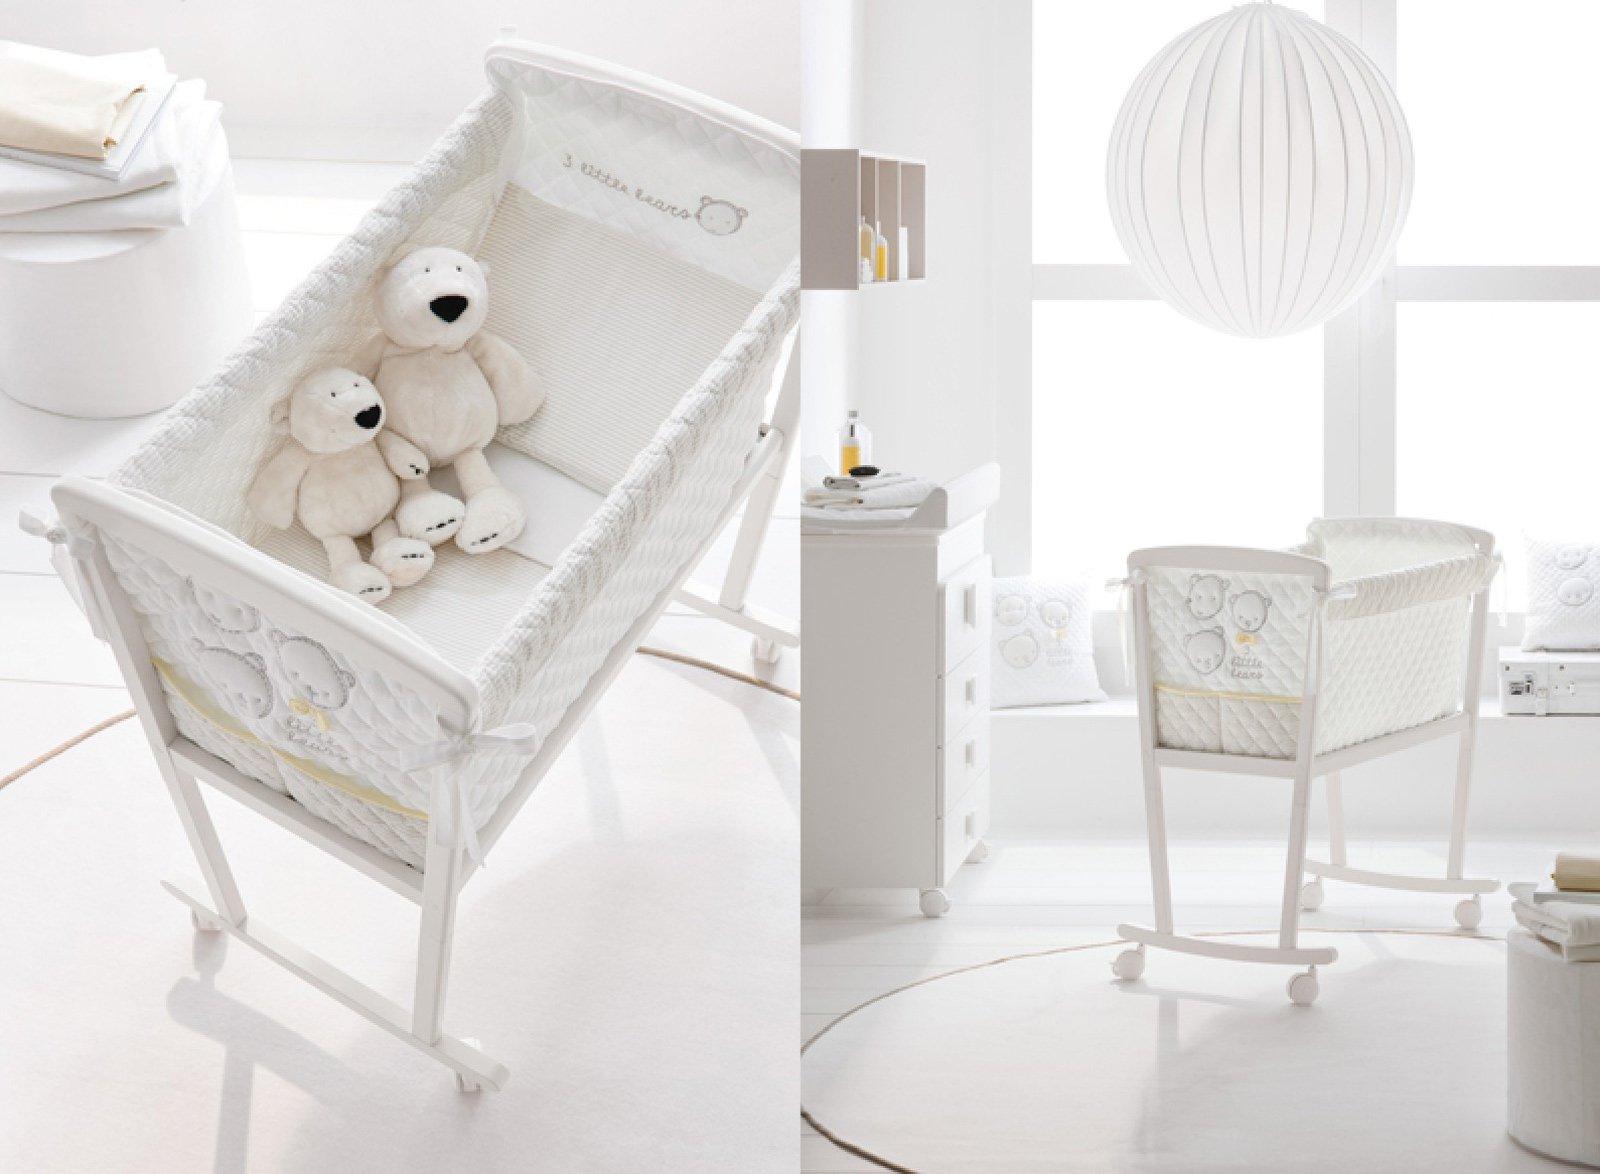 Dondolo 2 Posti Lullaby.Culle Il Posto Giusto Per La Nanna Cose Di Casa